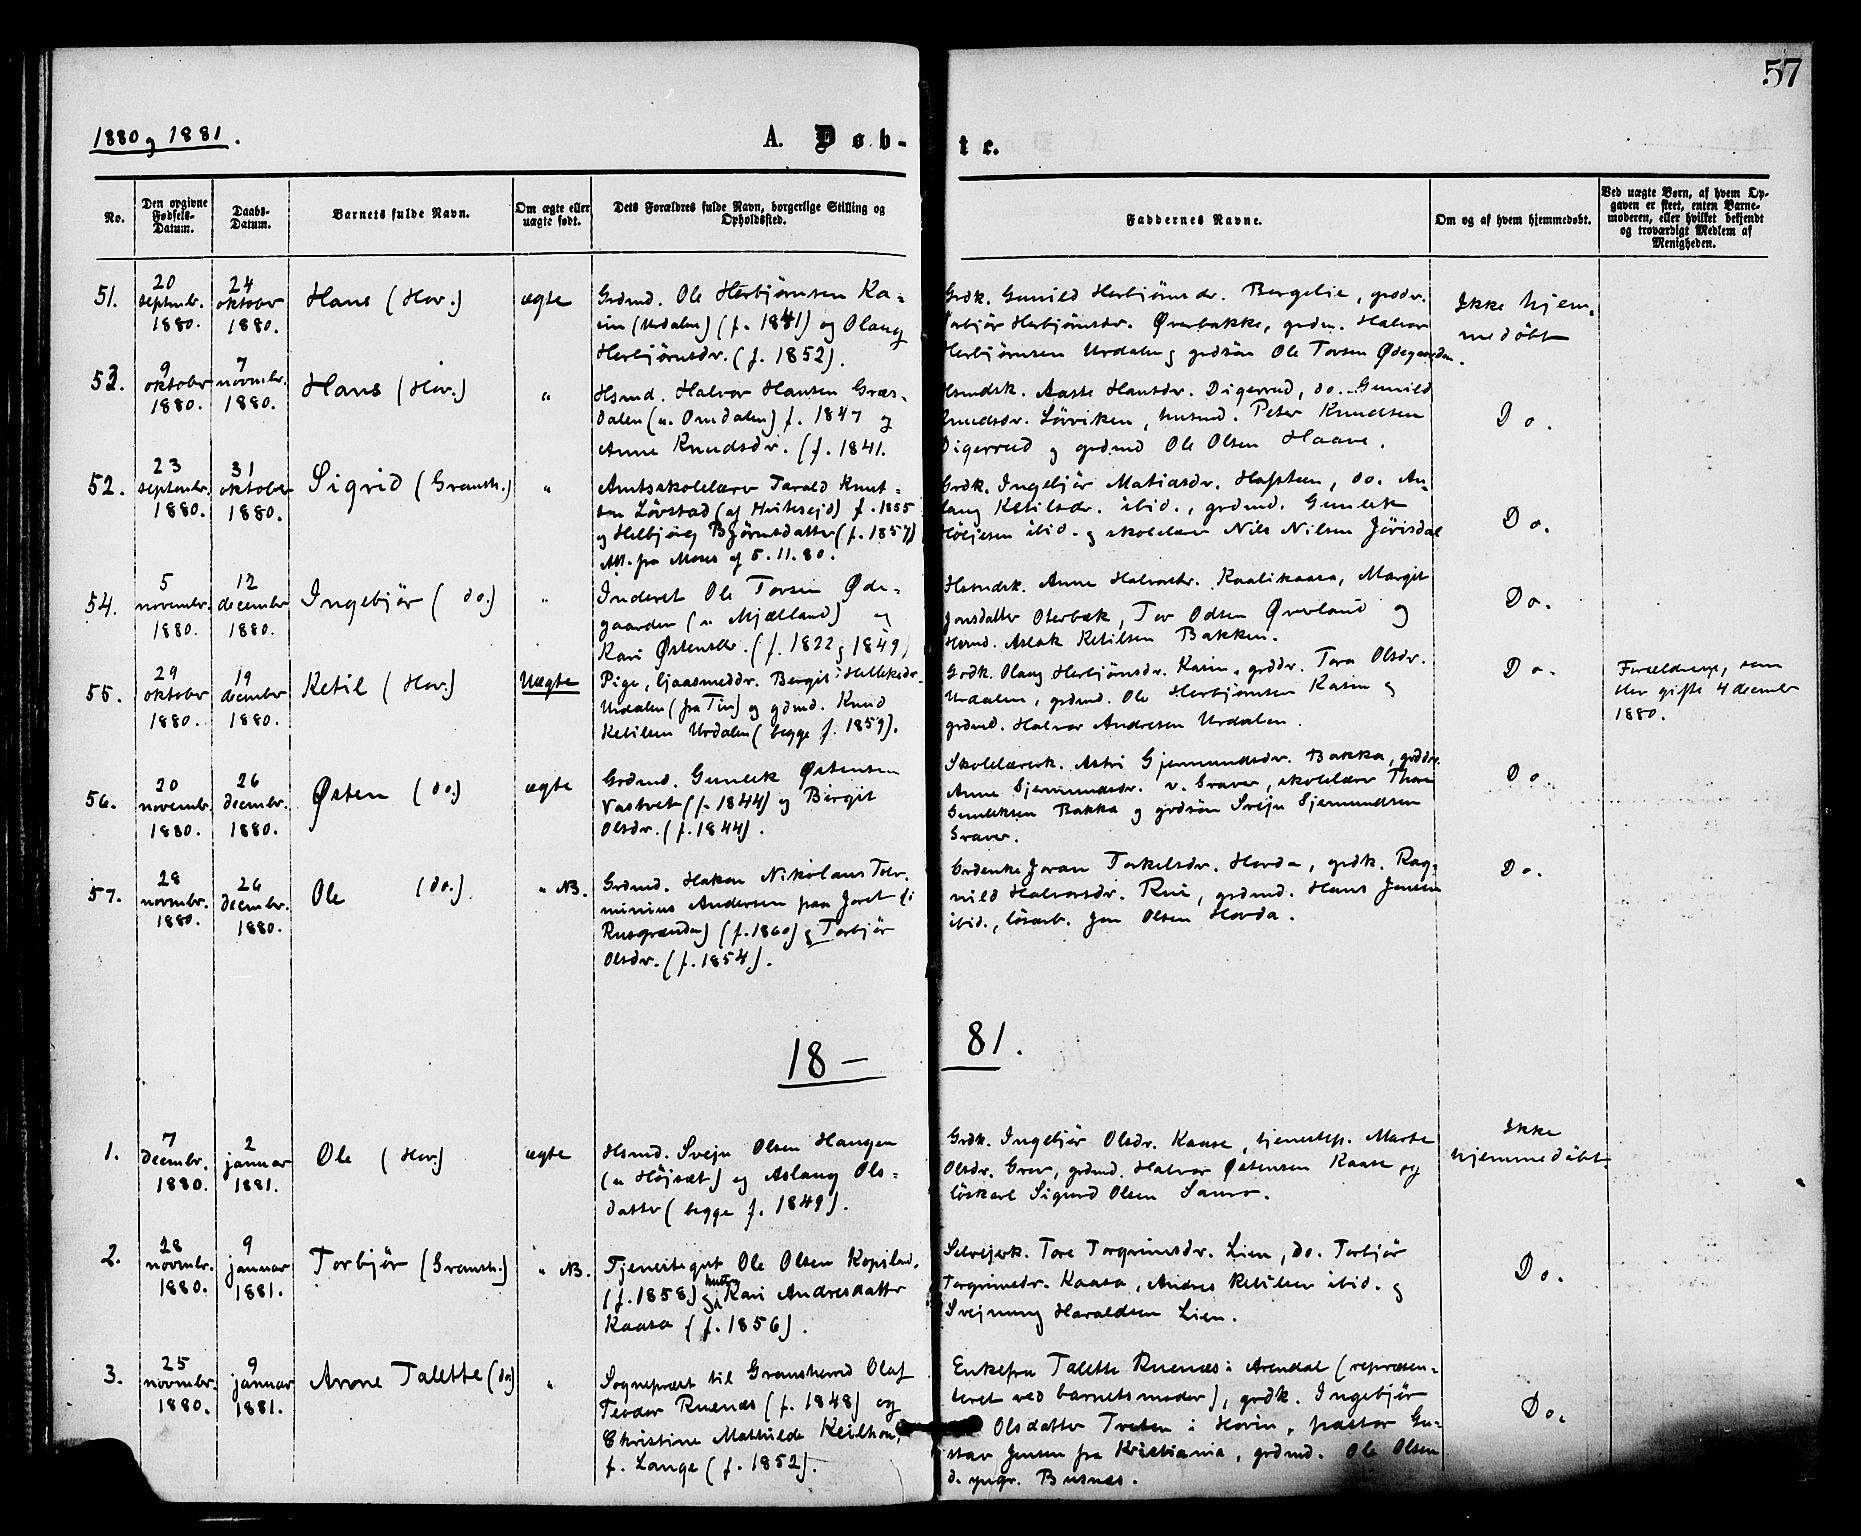 SAKO, Gransherad kirkebøker, F/Fa/L0004: Ministerialbok nr. I 4, 1871-1886, s. 57